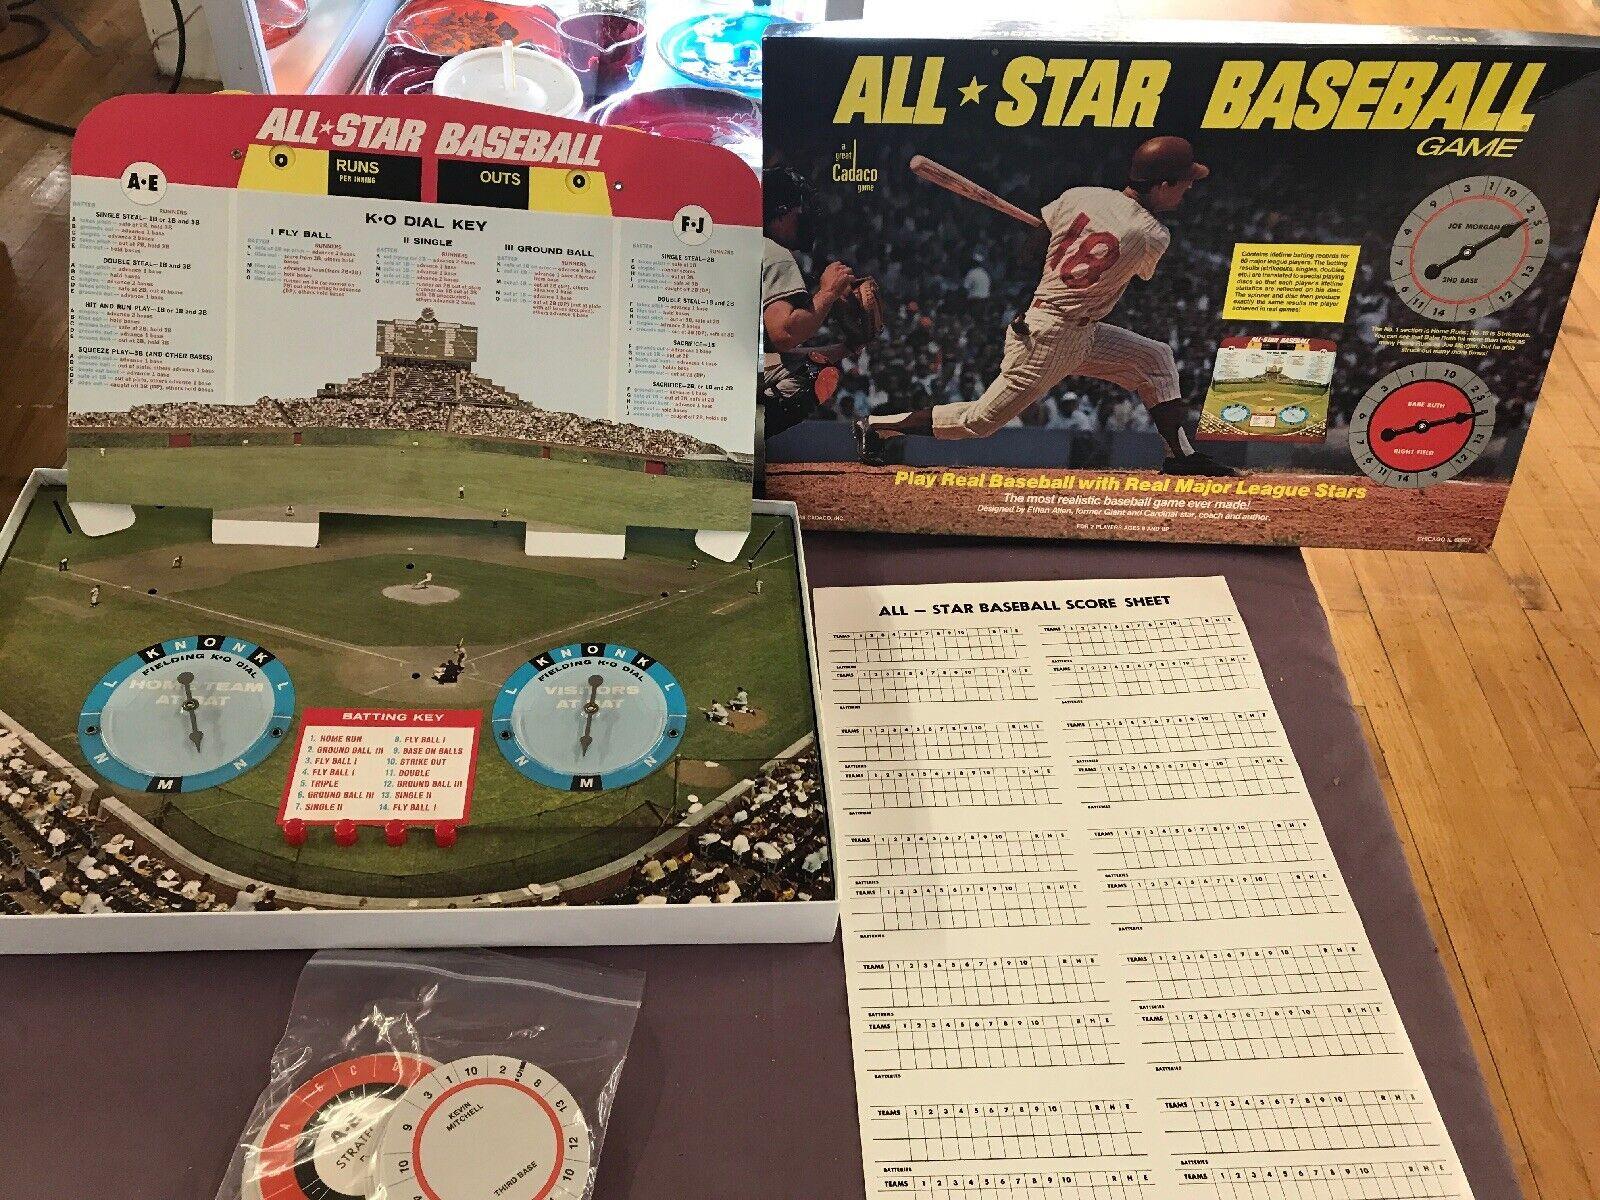 1969 Cadaco All Star Baseboll Game.Fullt.med komplett Roster- diskuppsättning L1